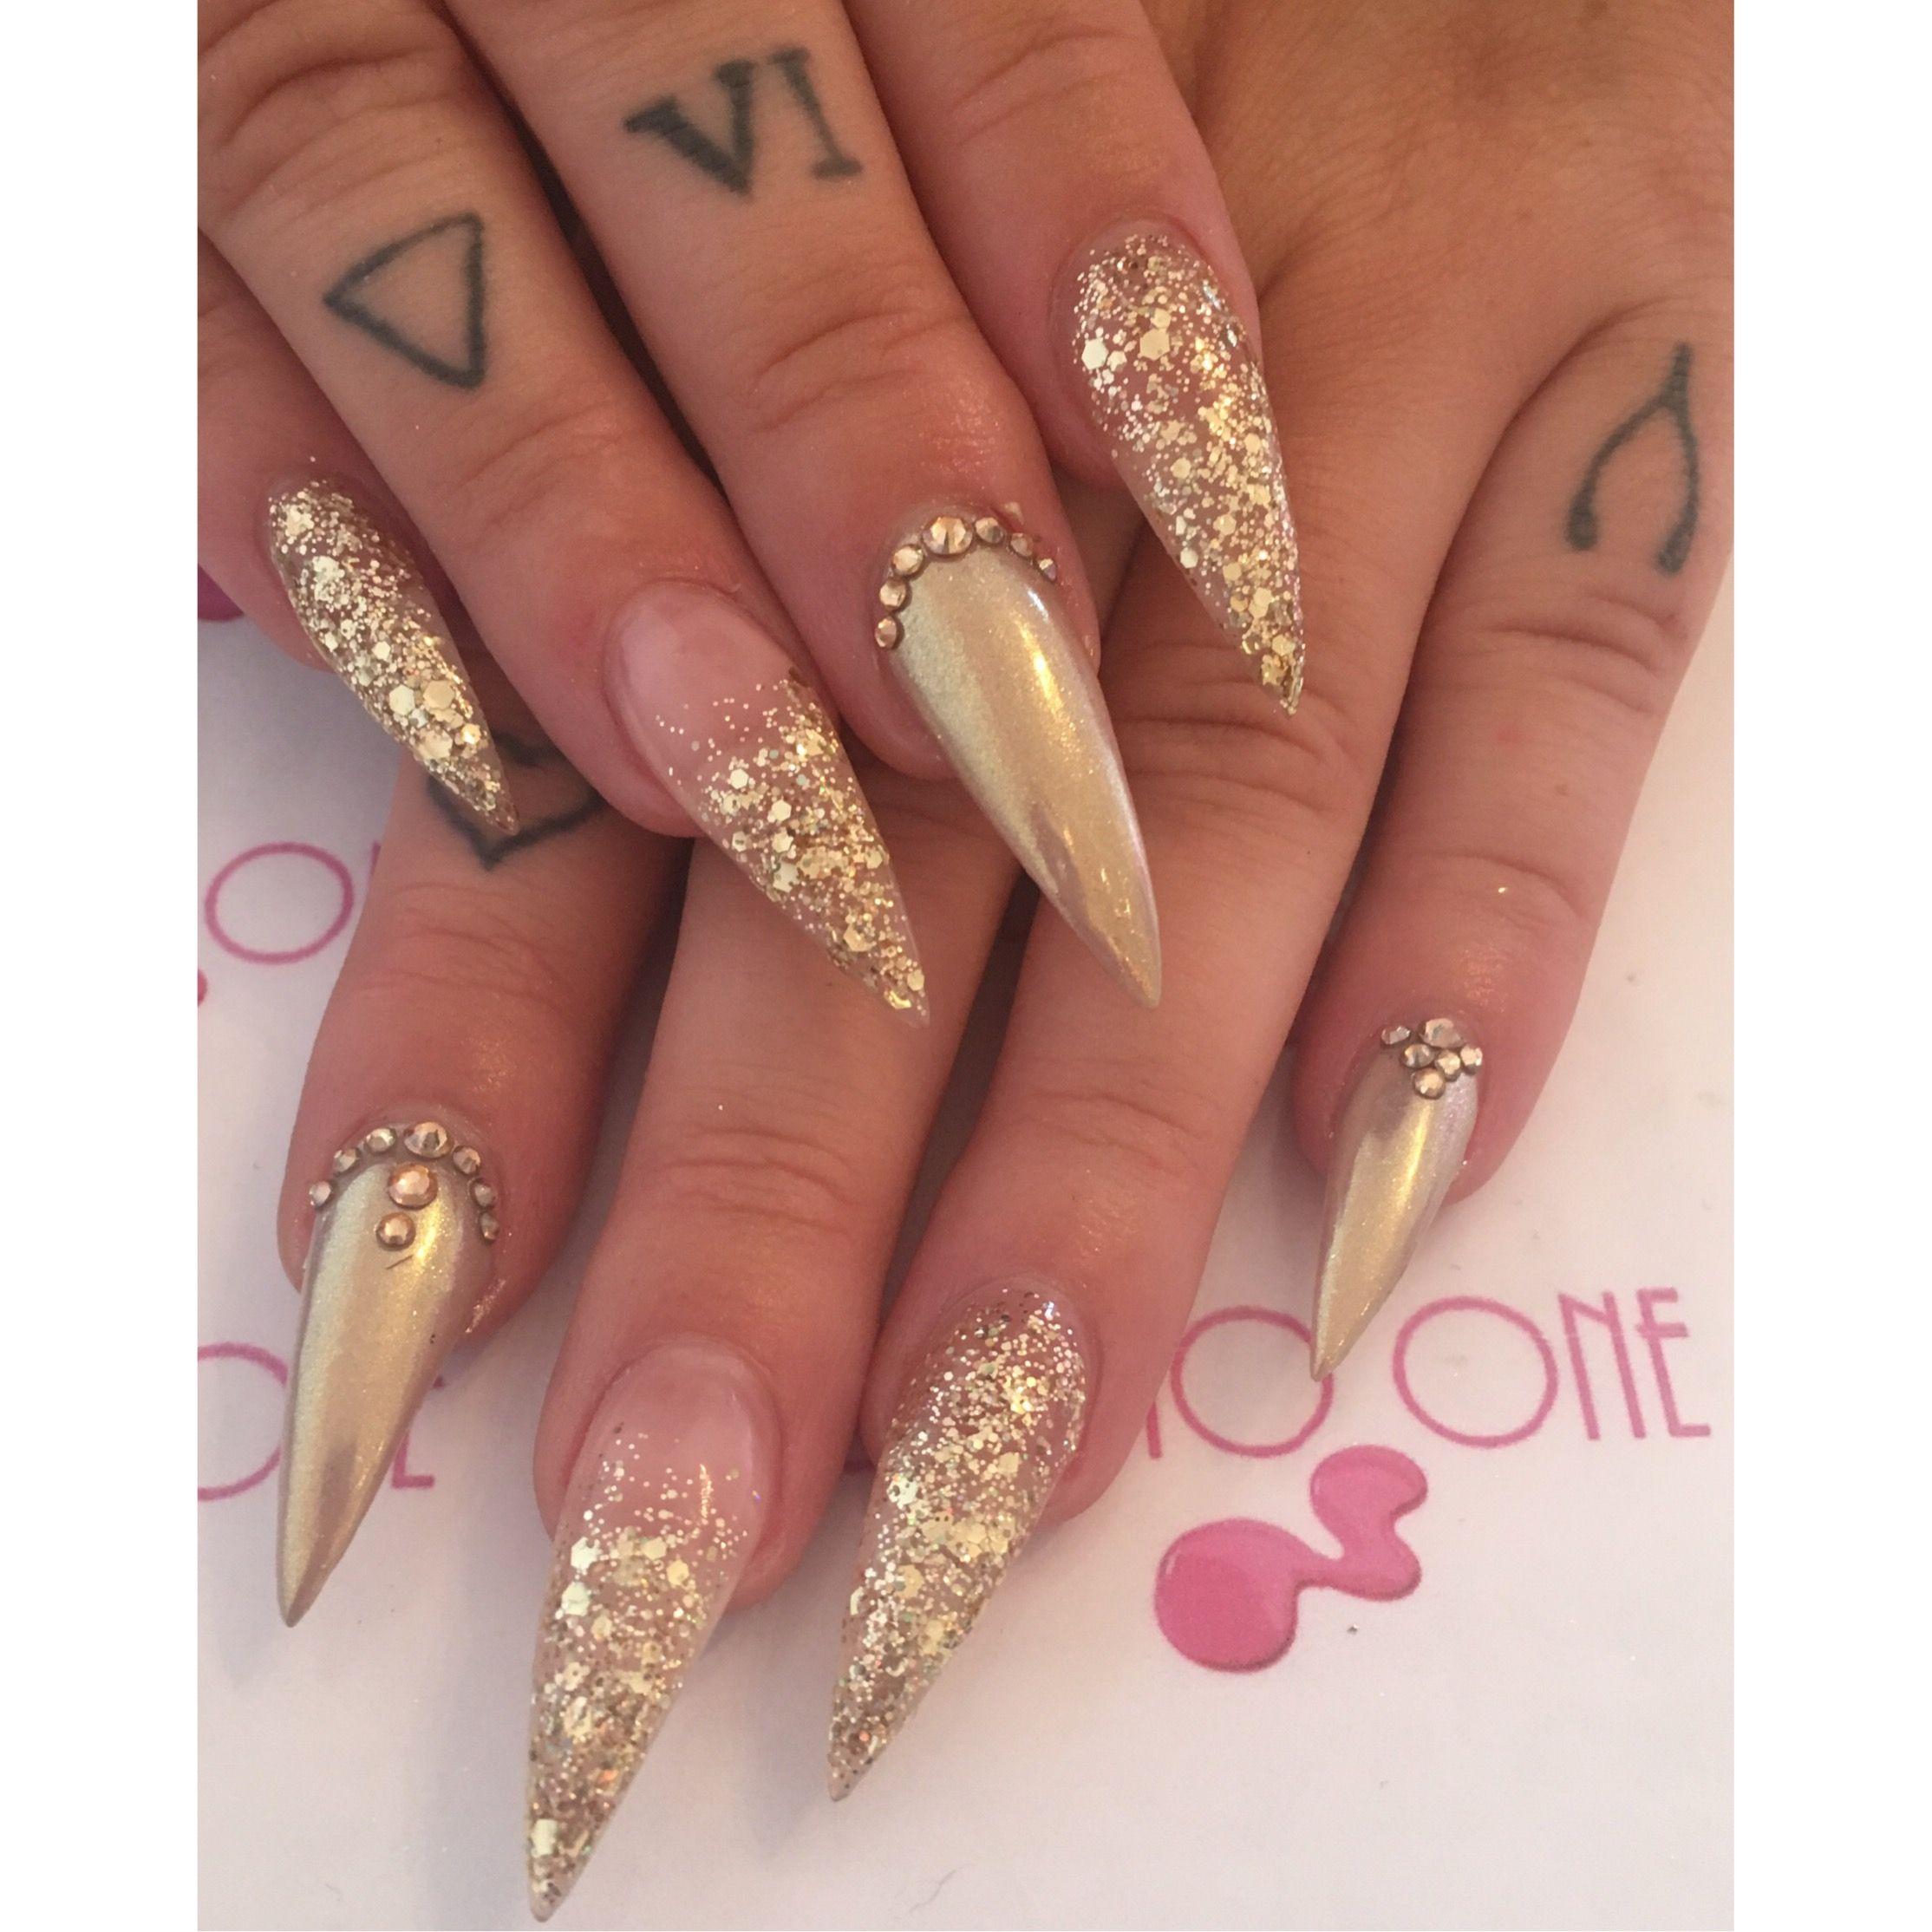 gold gems chrome chunky glitter stiletto nails tattoo glam